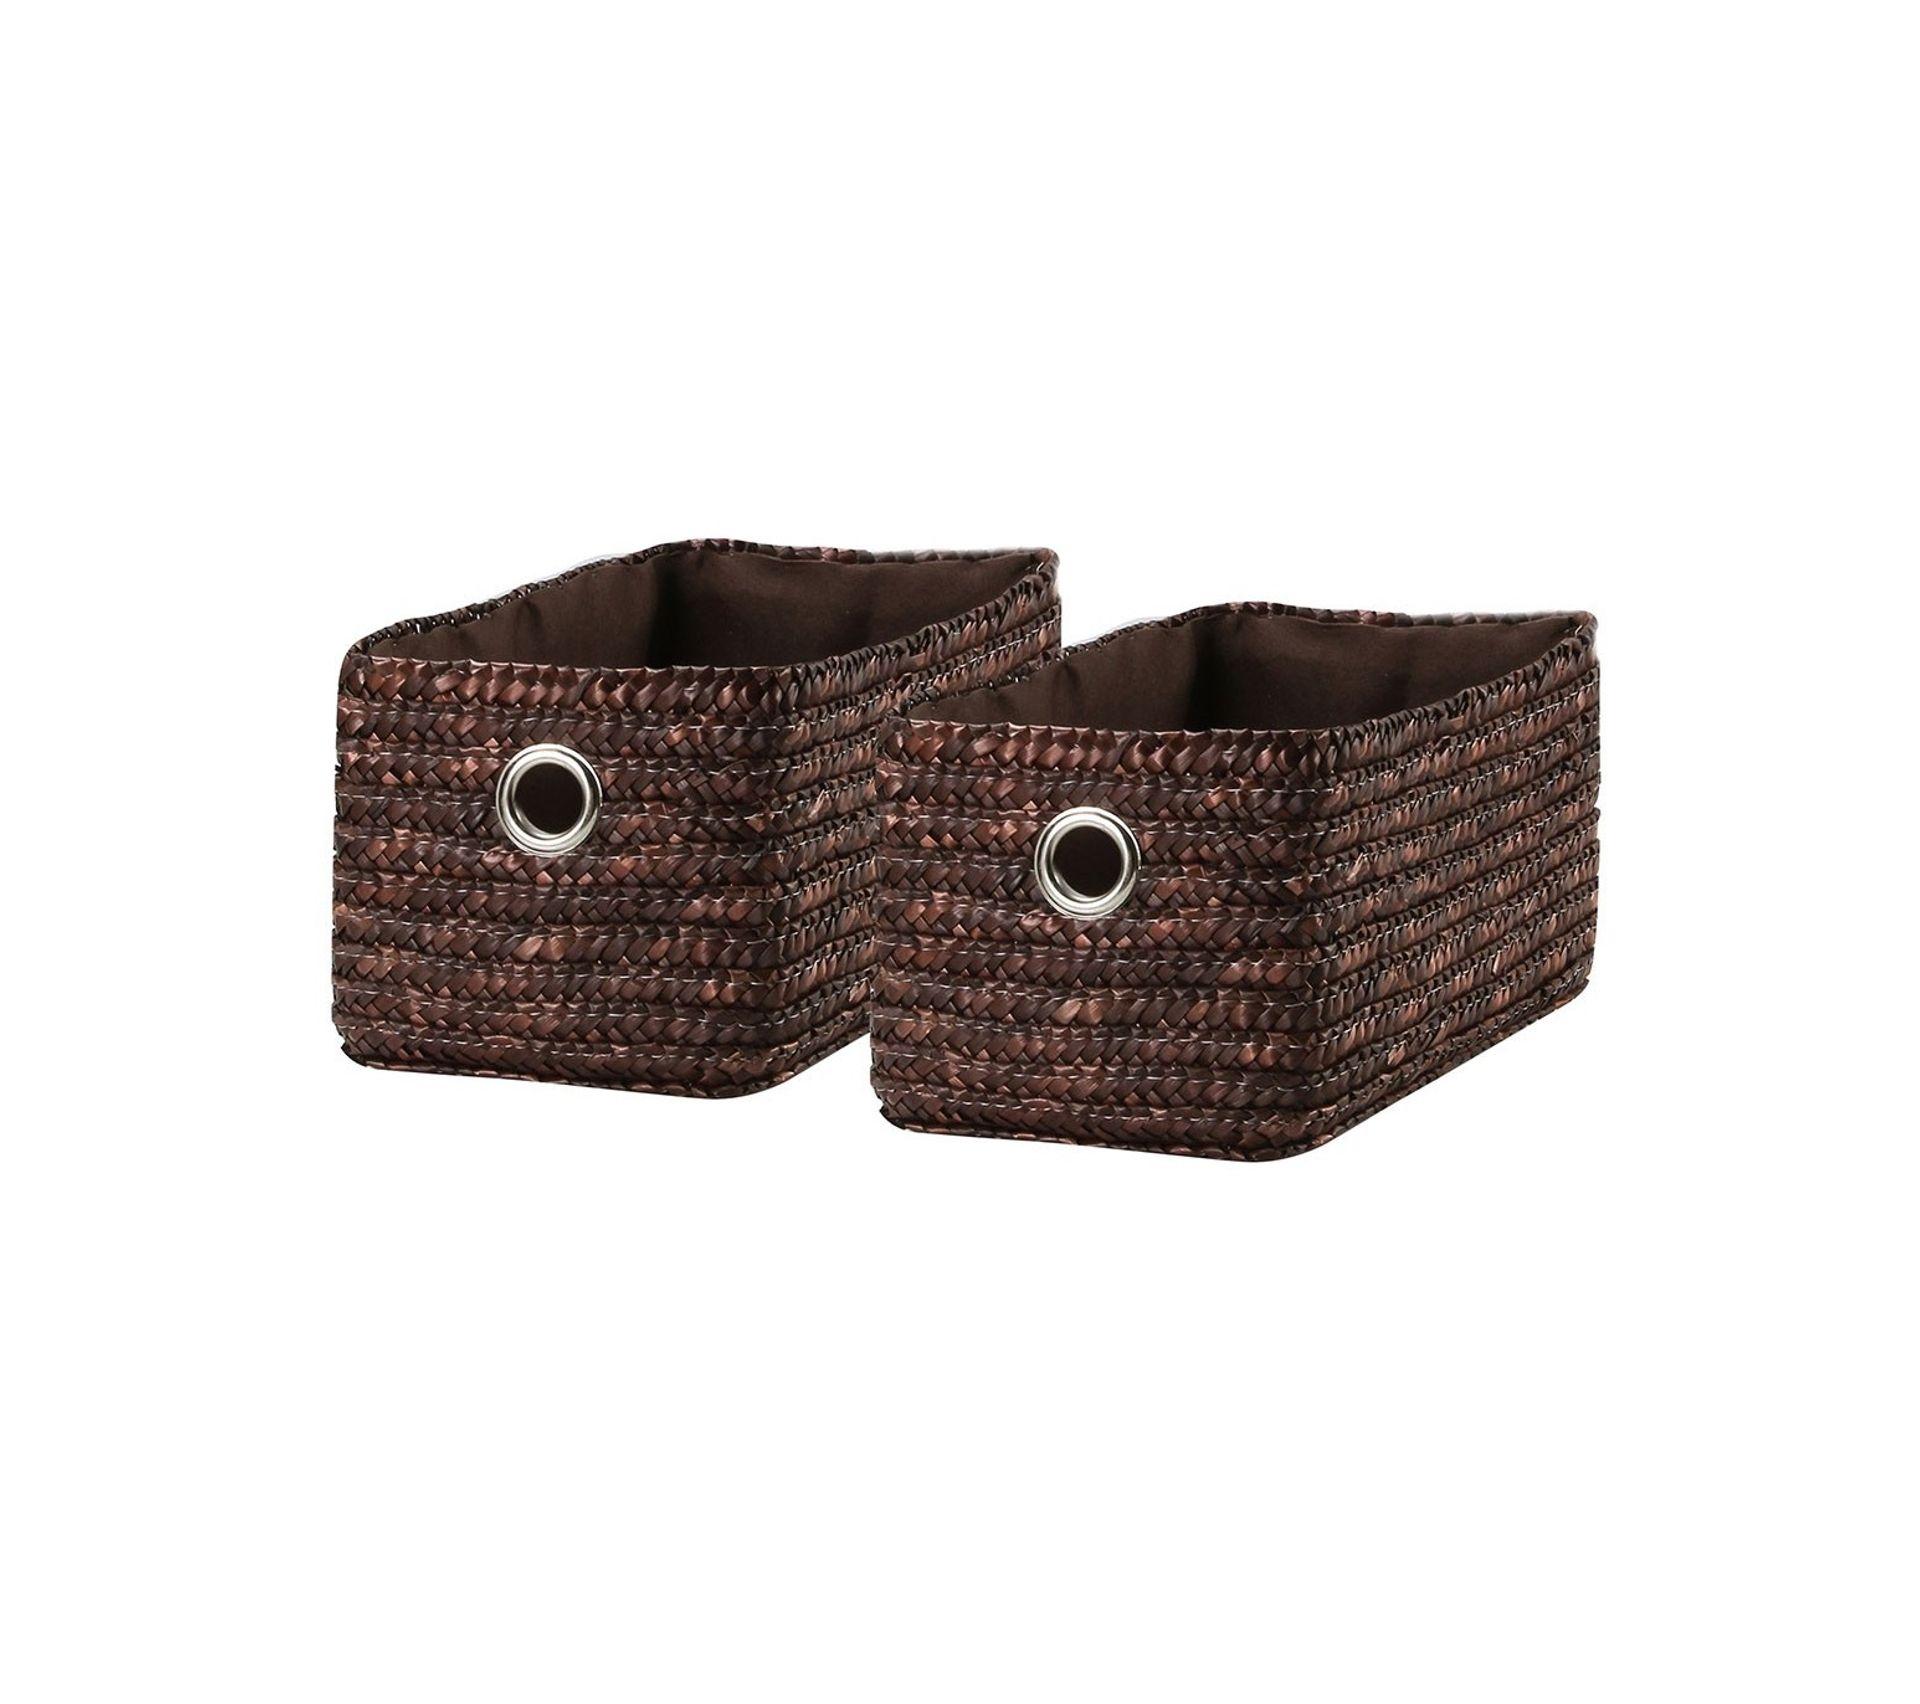 Paille De Fer Souris tiroir en paille tressé chocolat lot de 2 - petit modèle